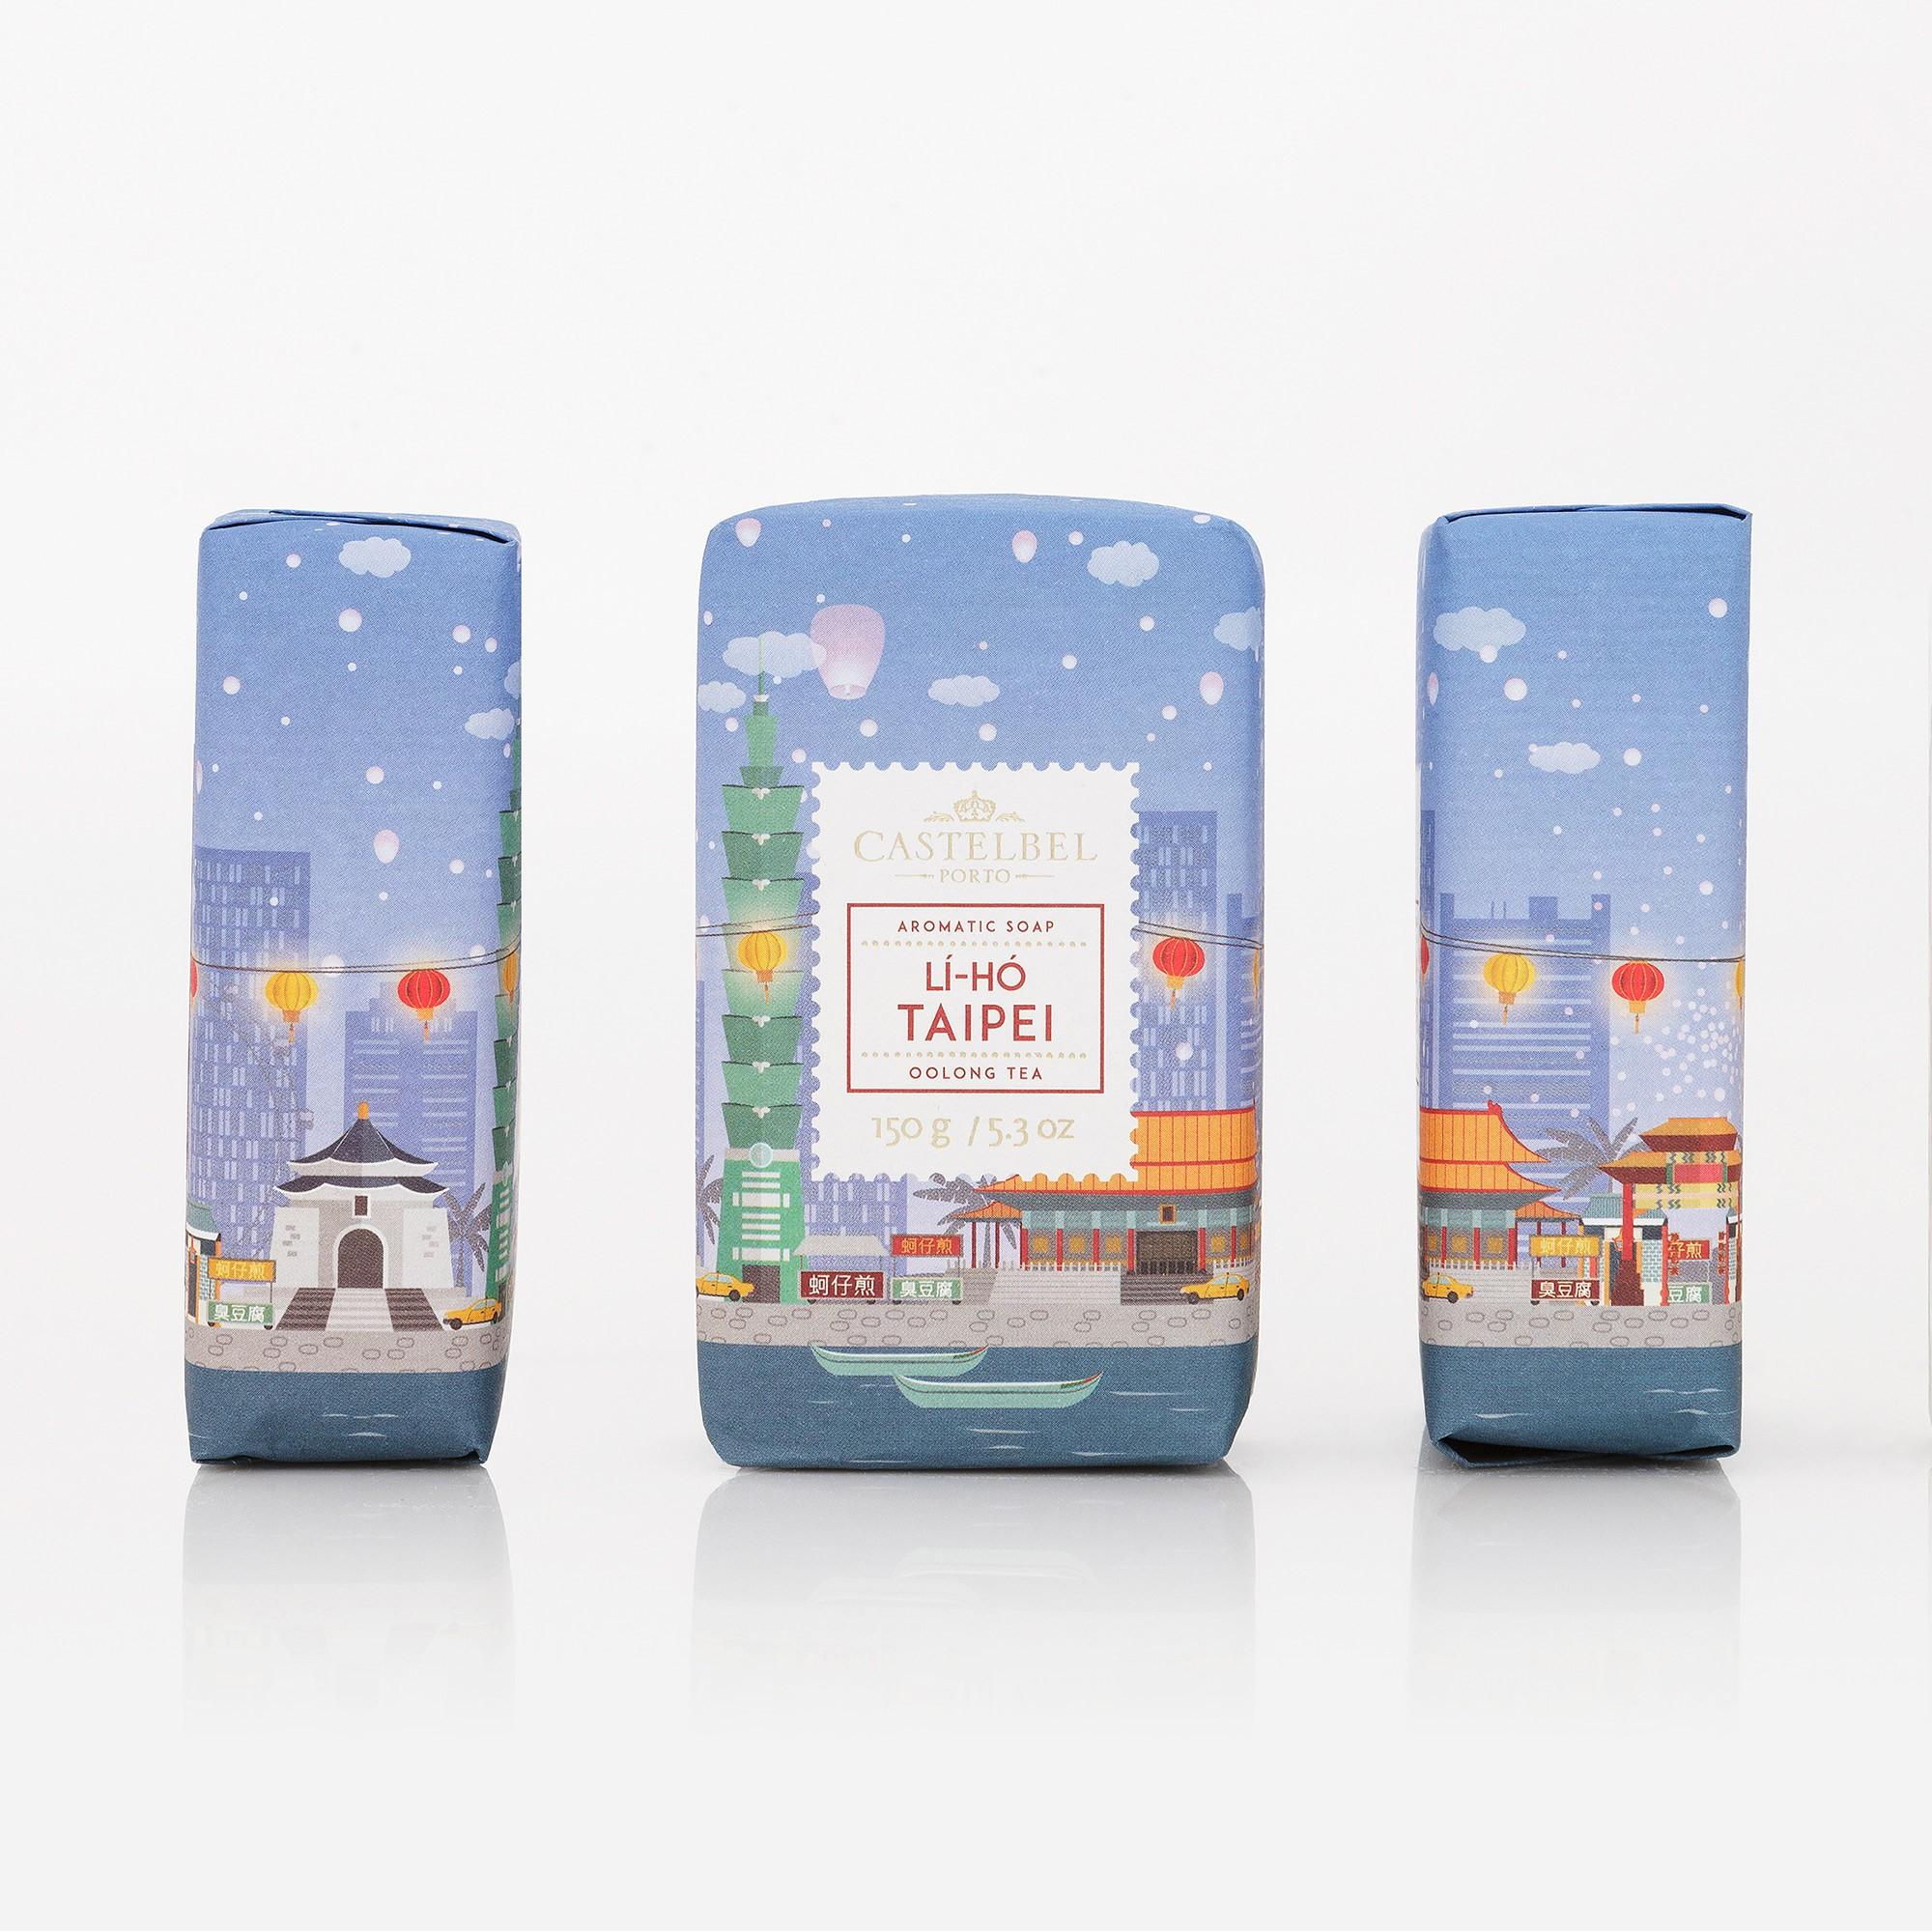 Muilas CASTELBEL Li-Ho Taipei Oolong arbatos kvapo, 150 g